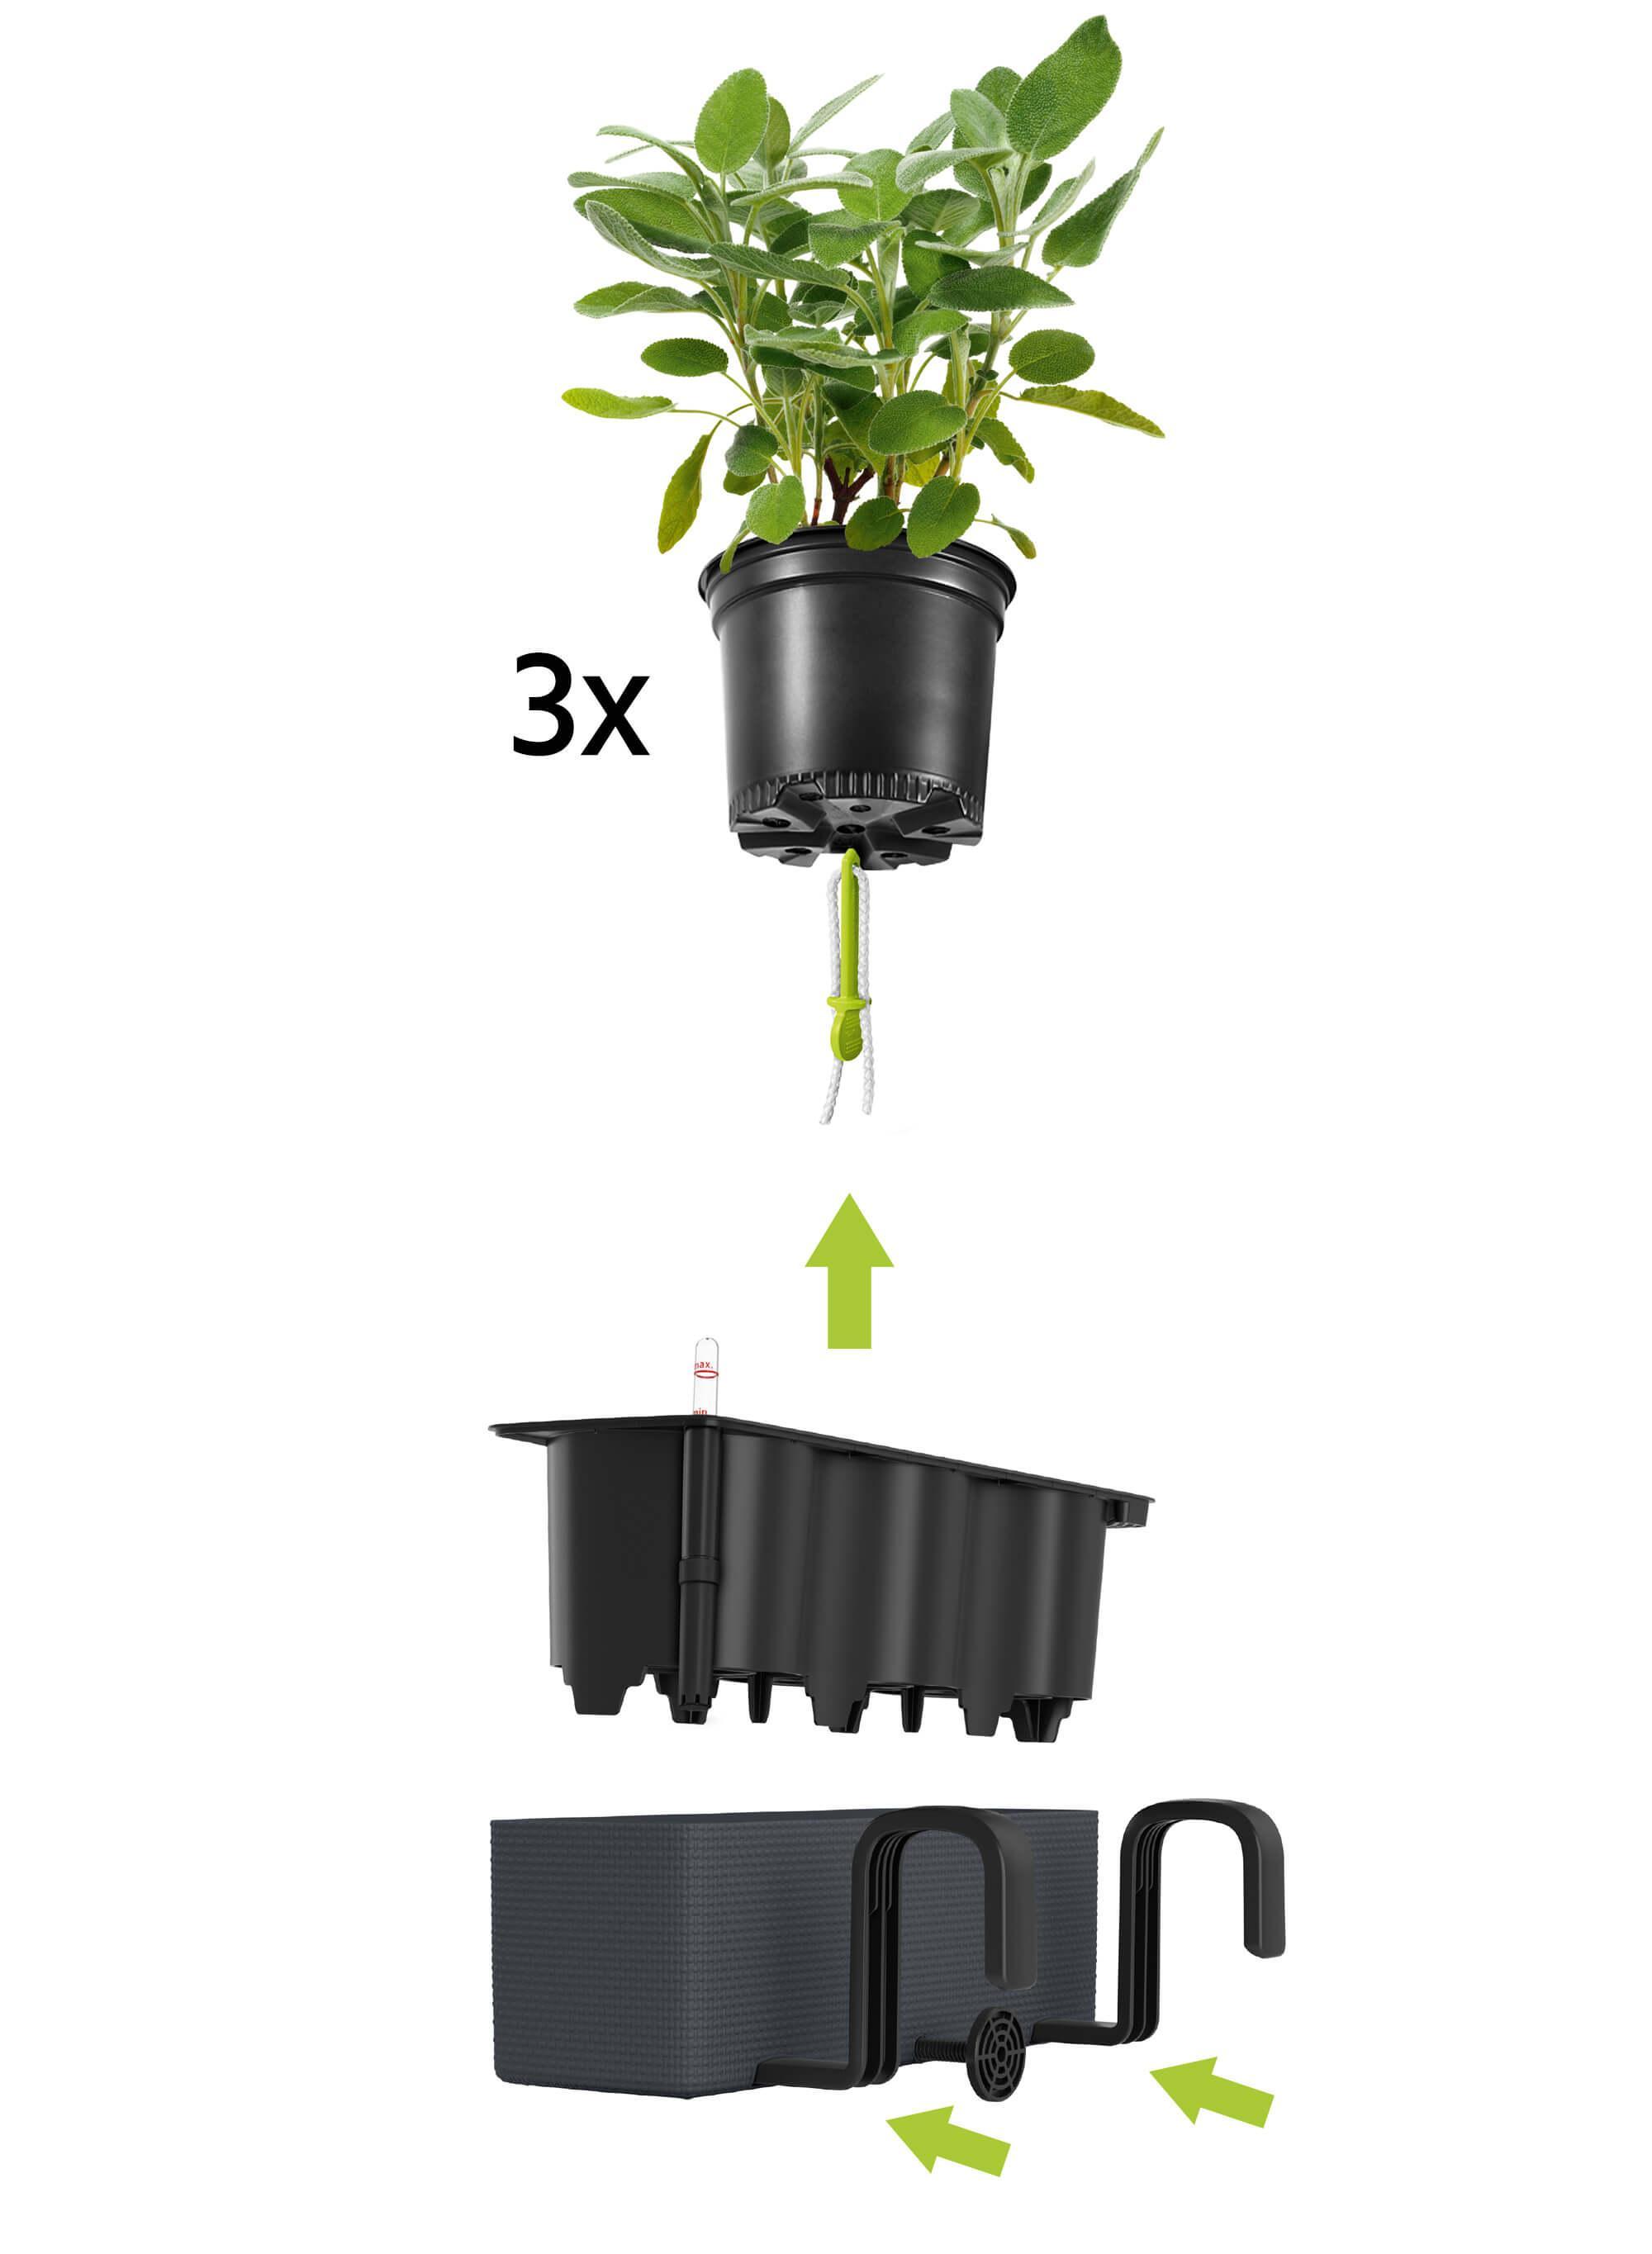 le_cube-color-triple_product_content_03